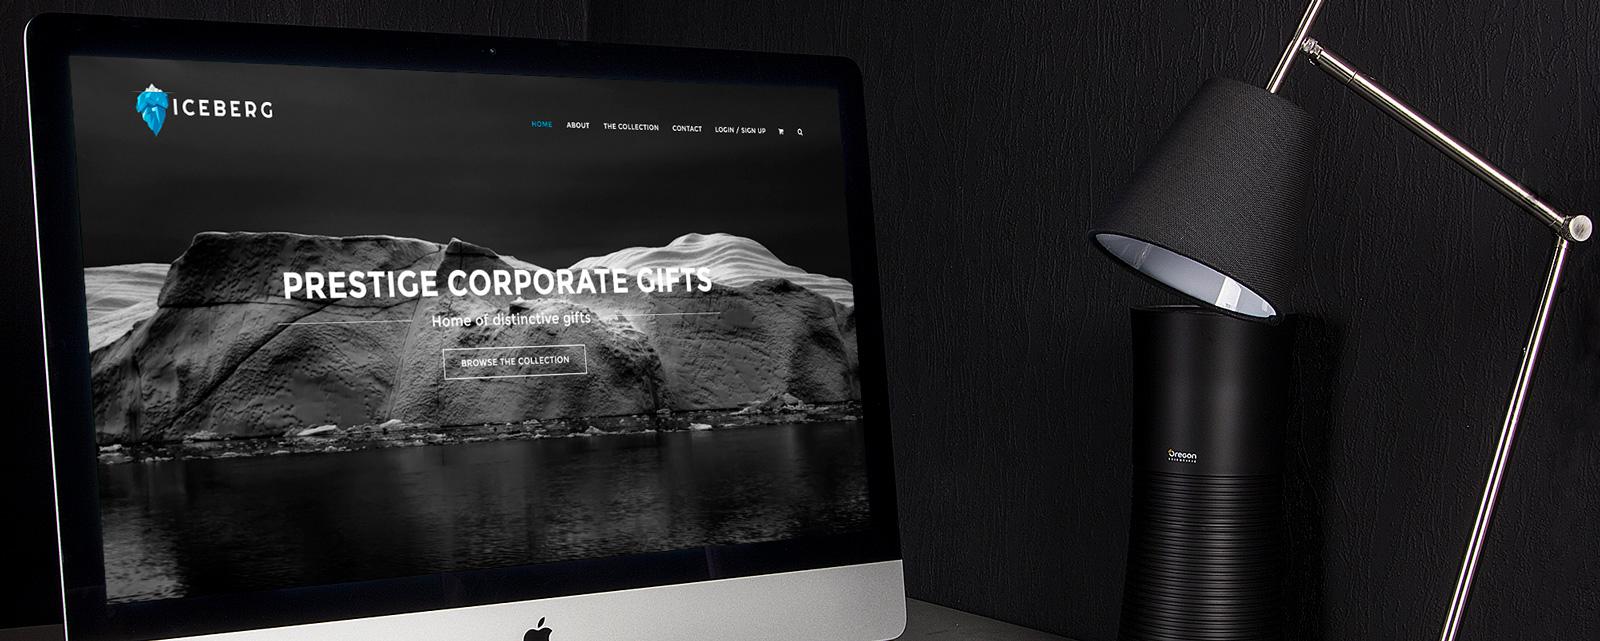 Iceberg-gifts-website-design-landscape